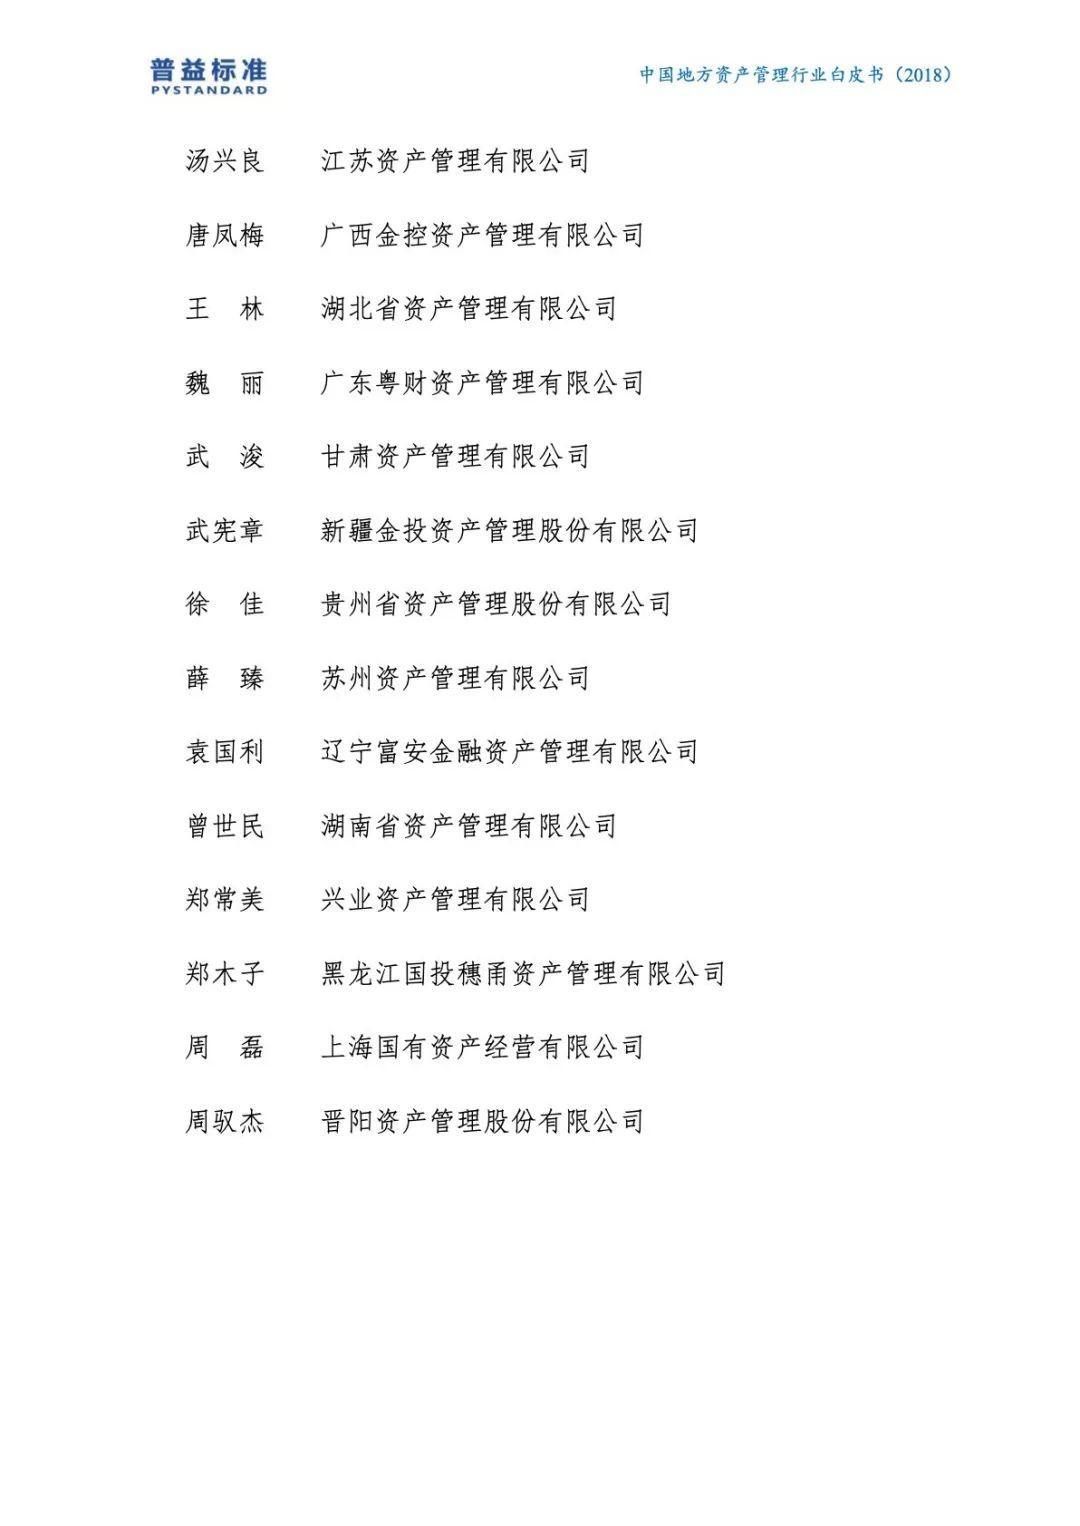 普益标准:2018中国地方资产管理行业白皮书